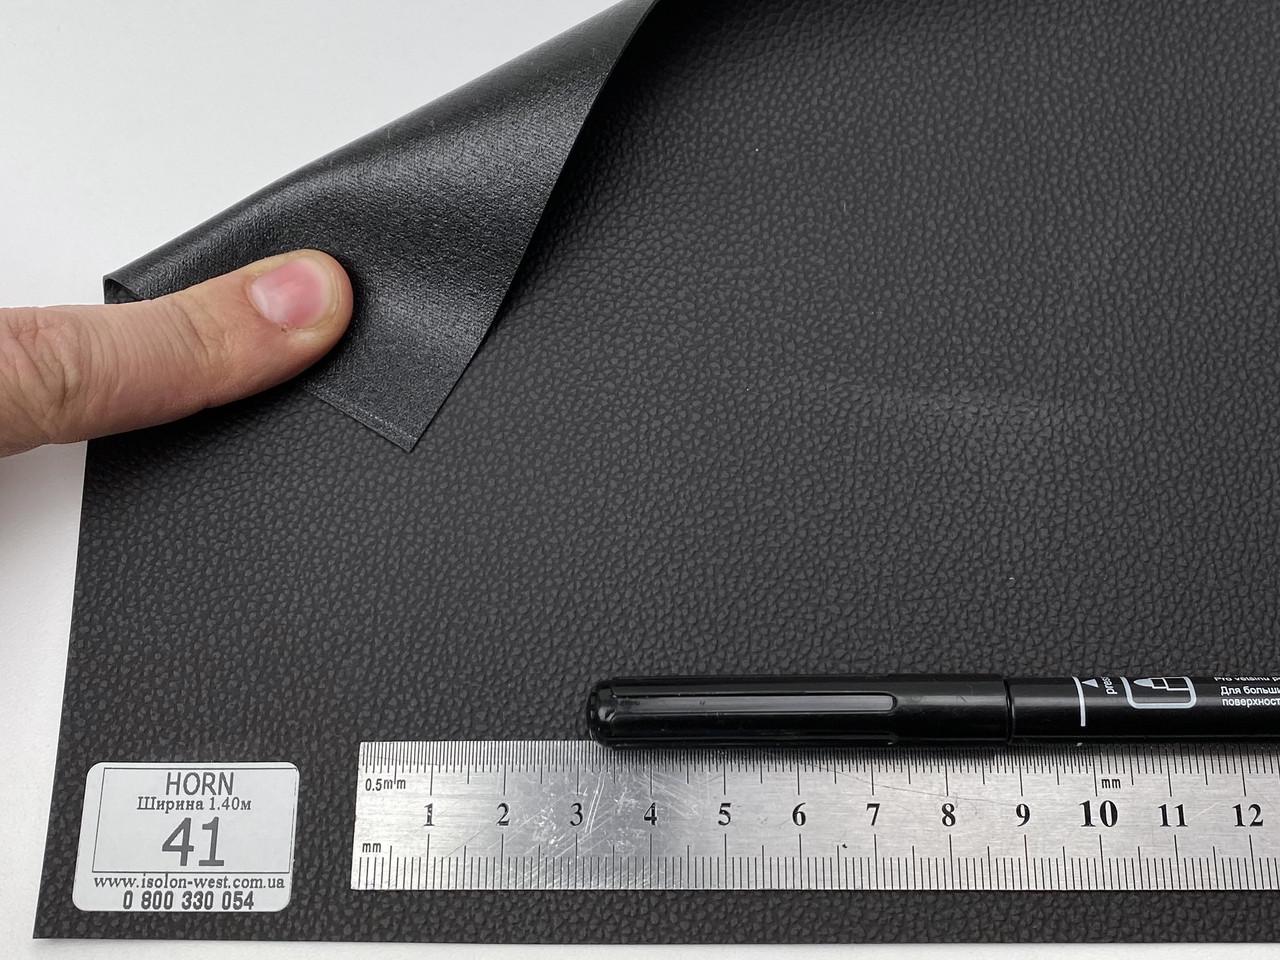 Термовинил HORN 41 темно-коричневой, для обтяжки торпеды, пластифицированная 100% ПВХ-пленка, ширина 140см